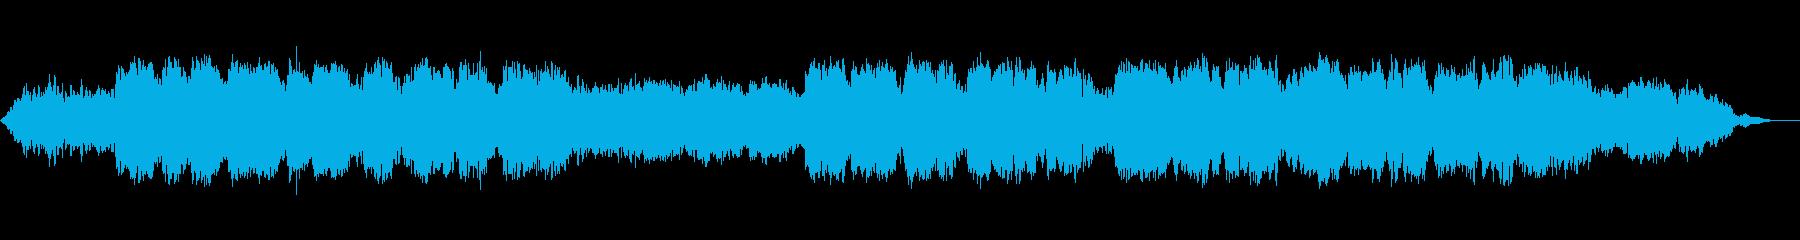 生演奏のケーナの穏やかなヒーリング音楽の再生済みの波形